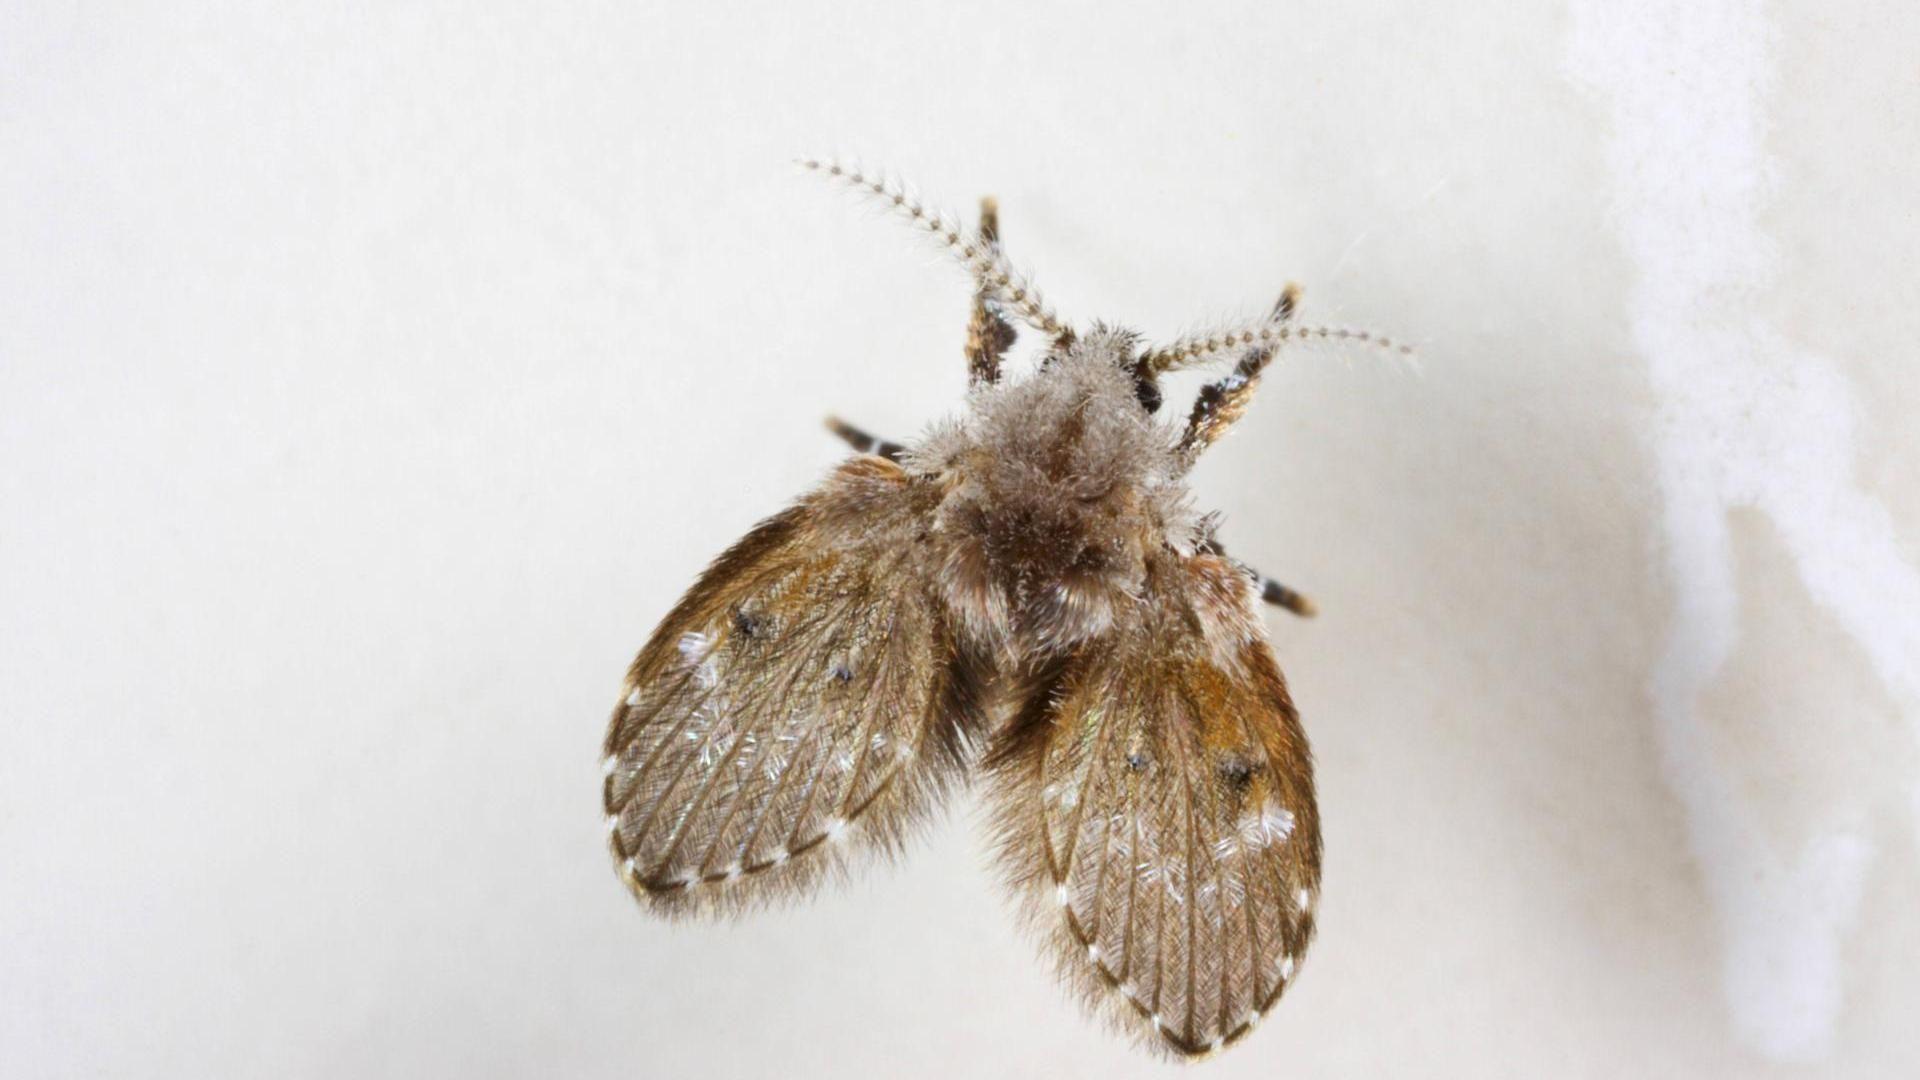 Dieses Insekt In Der Wohnung Sollten Sie Sofort Bekampfen Insekten Schmetterling Schmetterlingsfliegen